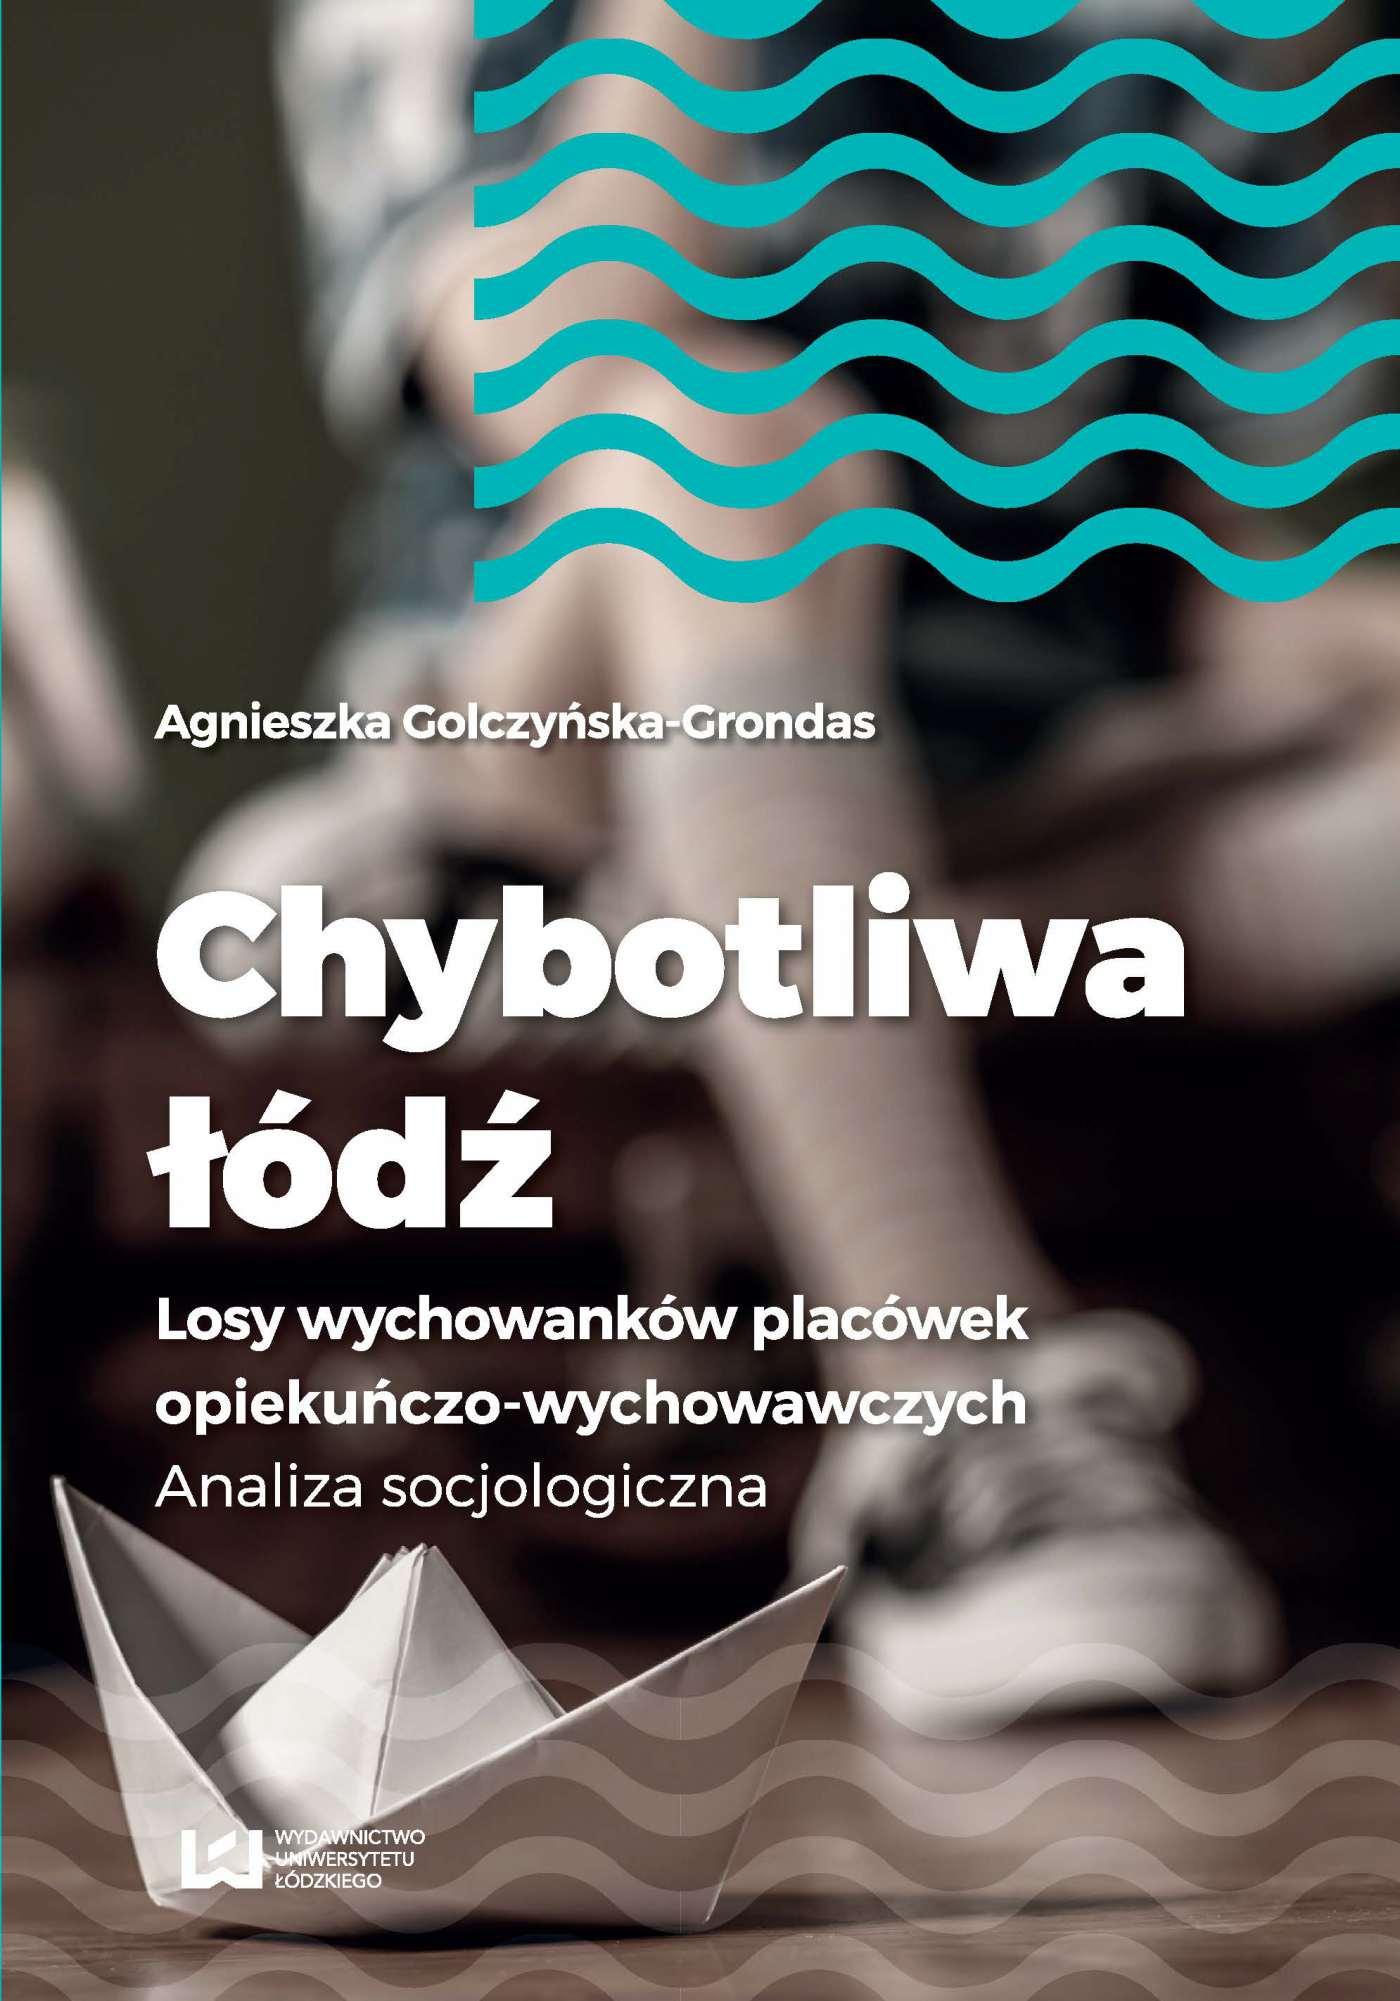 Chybotliwa łódź. Losy wychowanków placówek opiekuńczo-wychowawczych. Analiza socjologiczna - Ebook (Książka PDF) do pobrania w formacie PDF